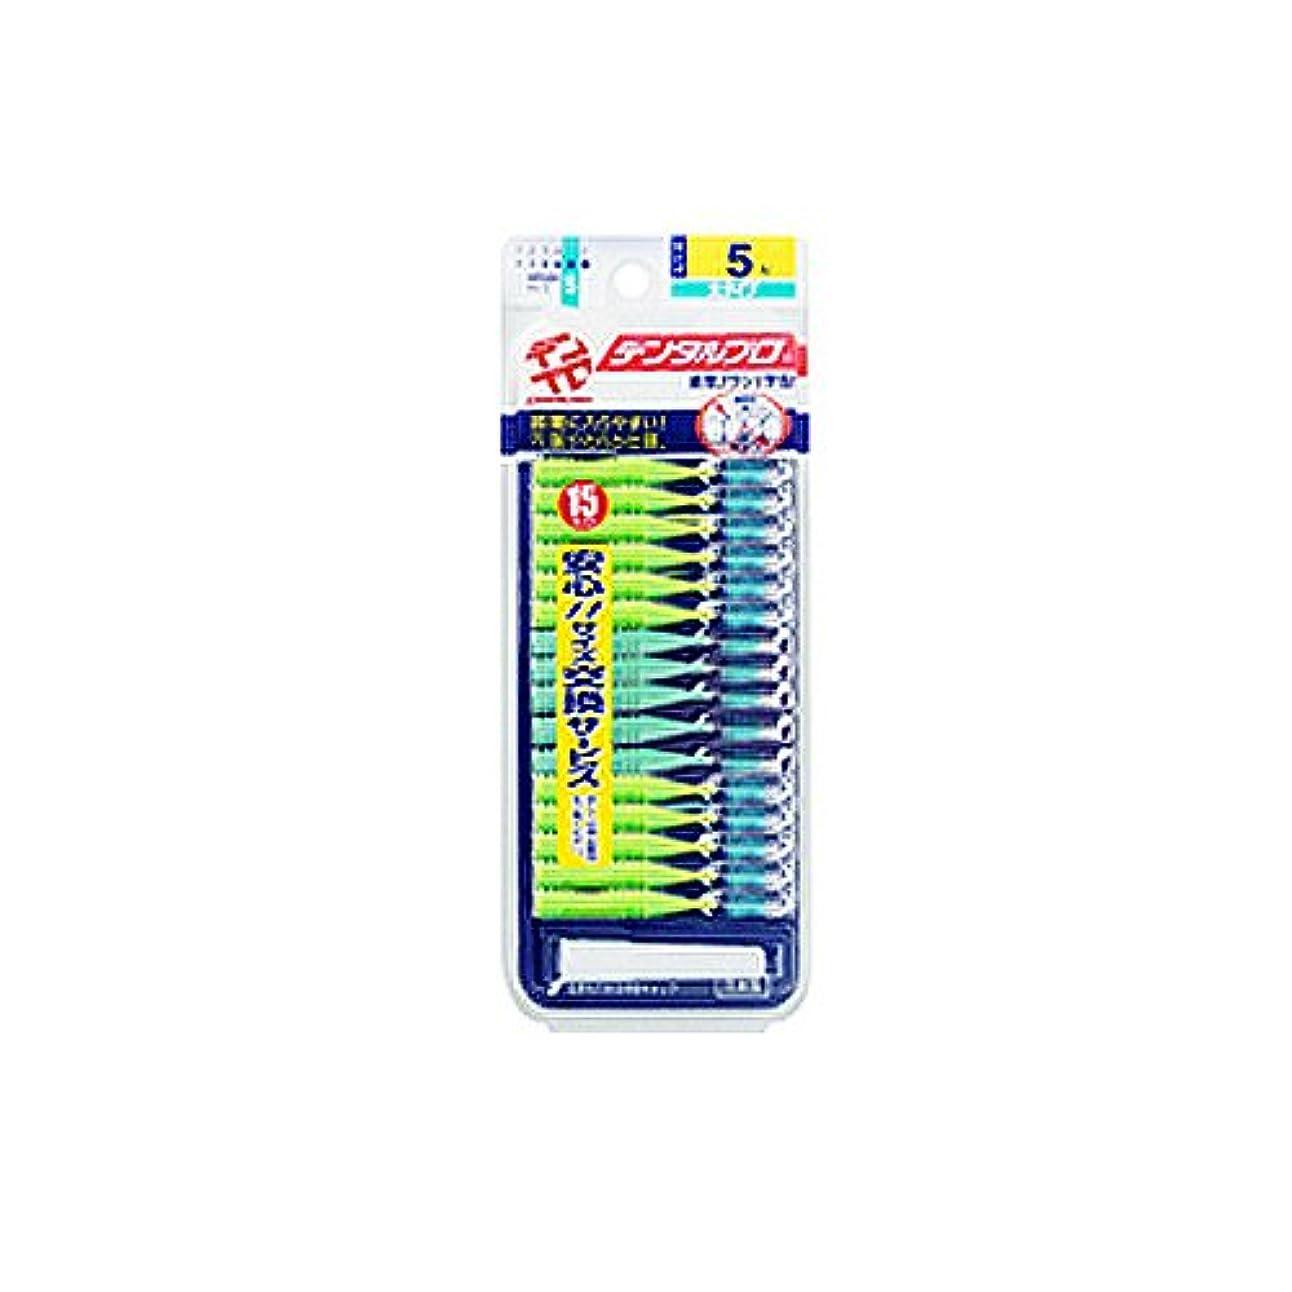 海港サドル強打デンタルプロ 歯間ブラシ I字型 15本入り サイズ5(L)